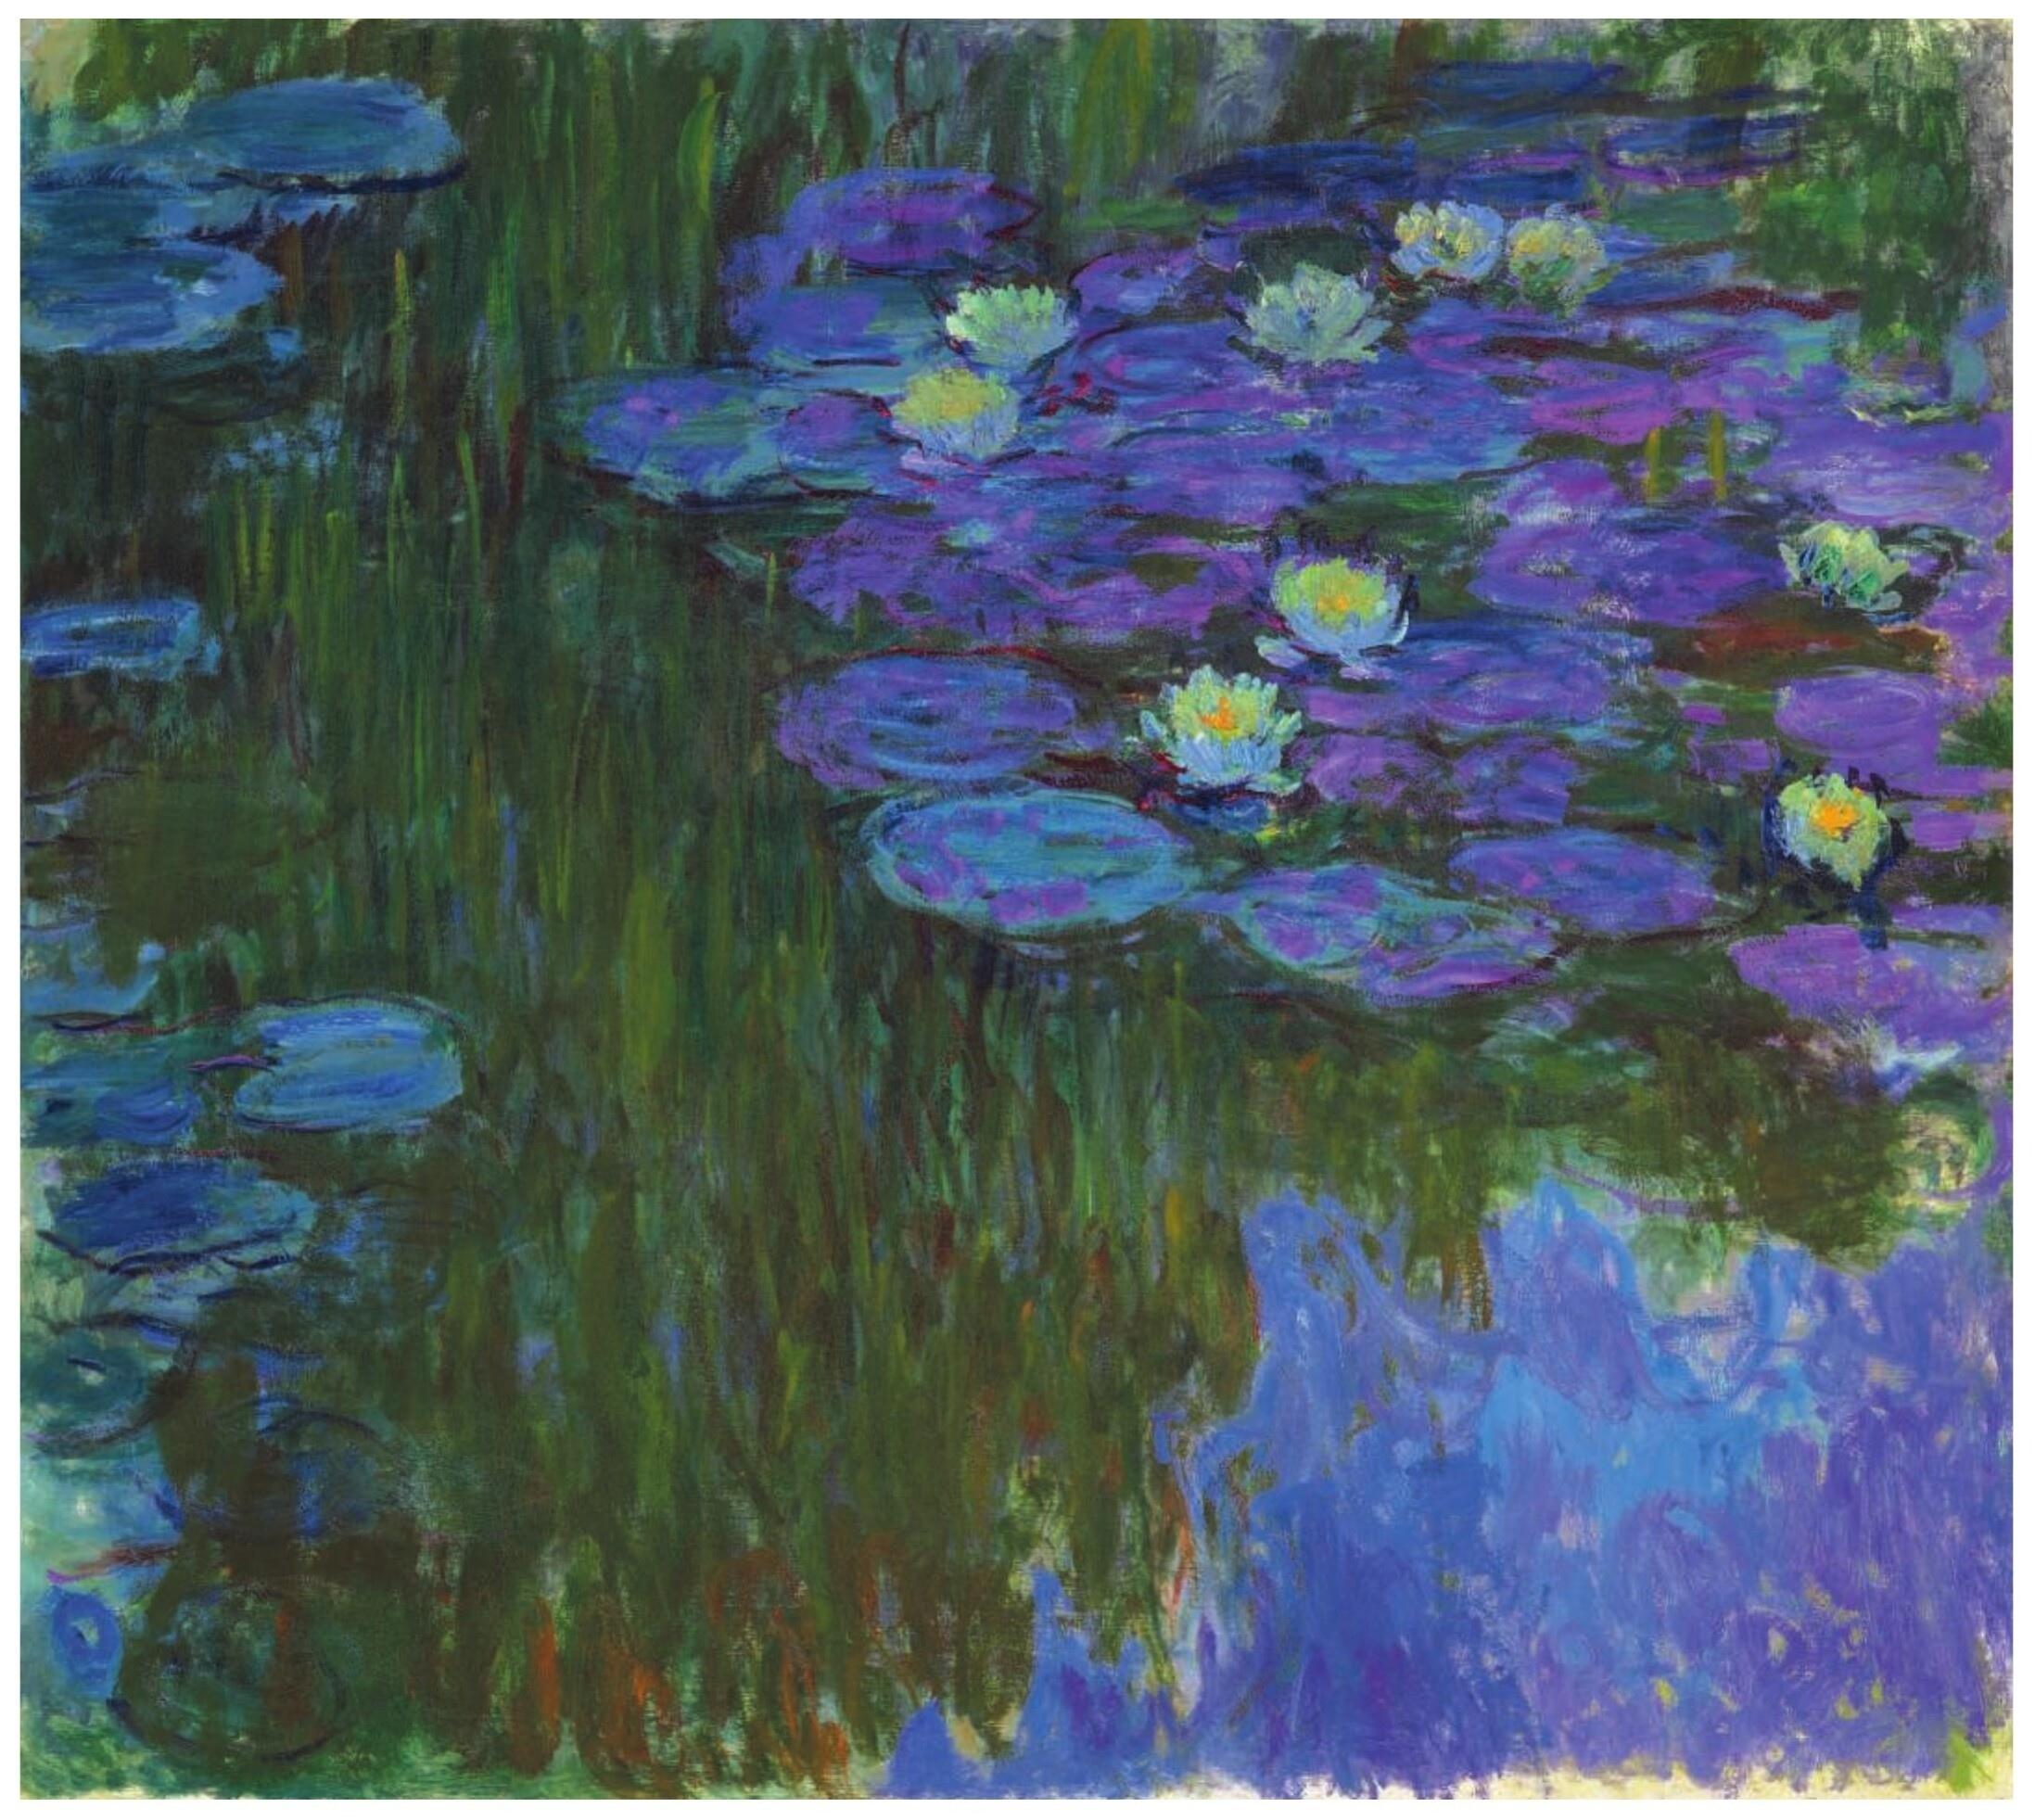 Claude Monet (1840-1926) Nymphéas en fleur (c. 1914-1917)